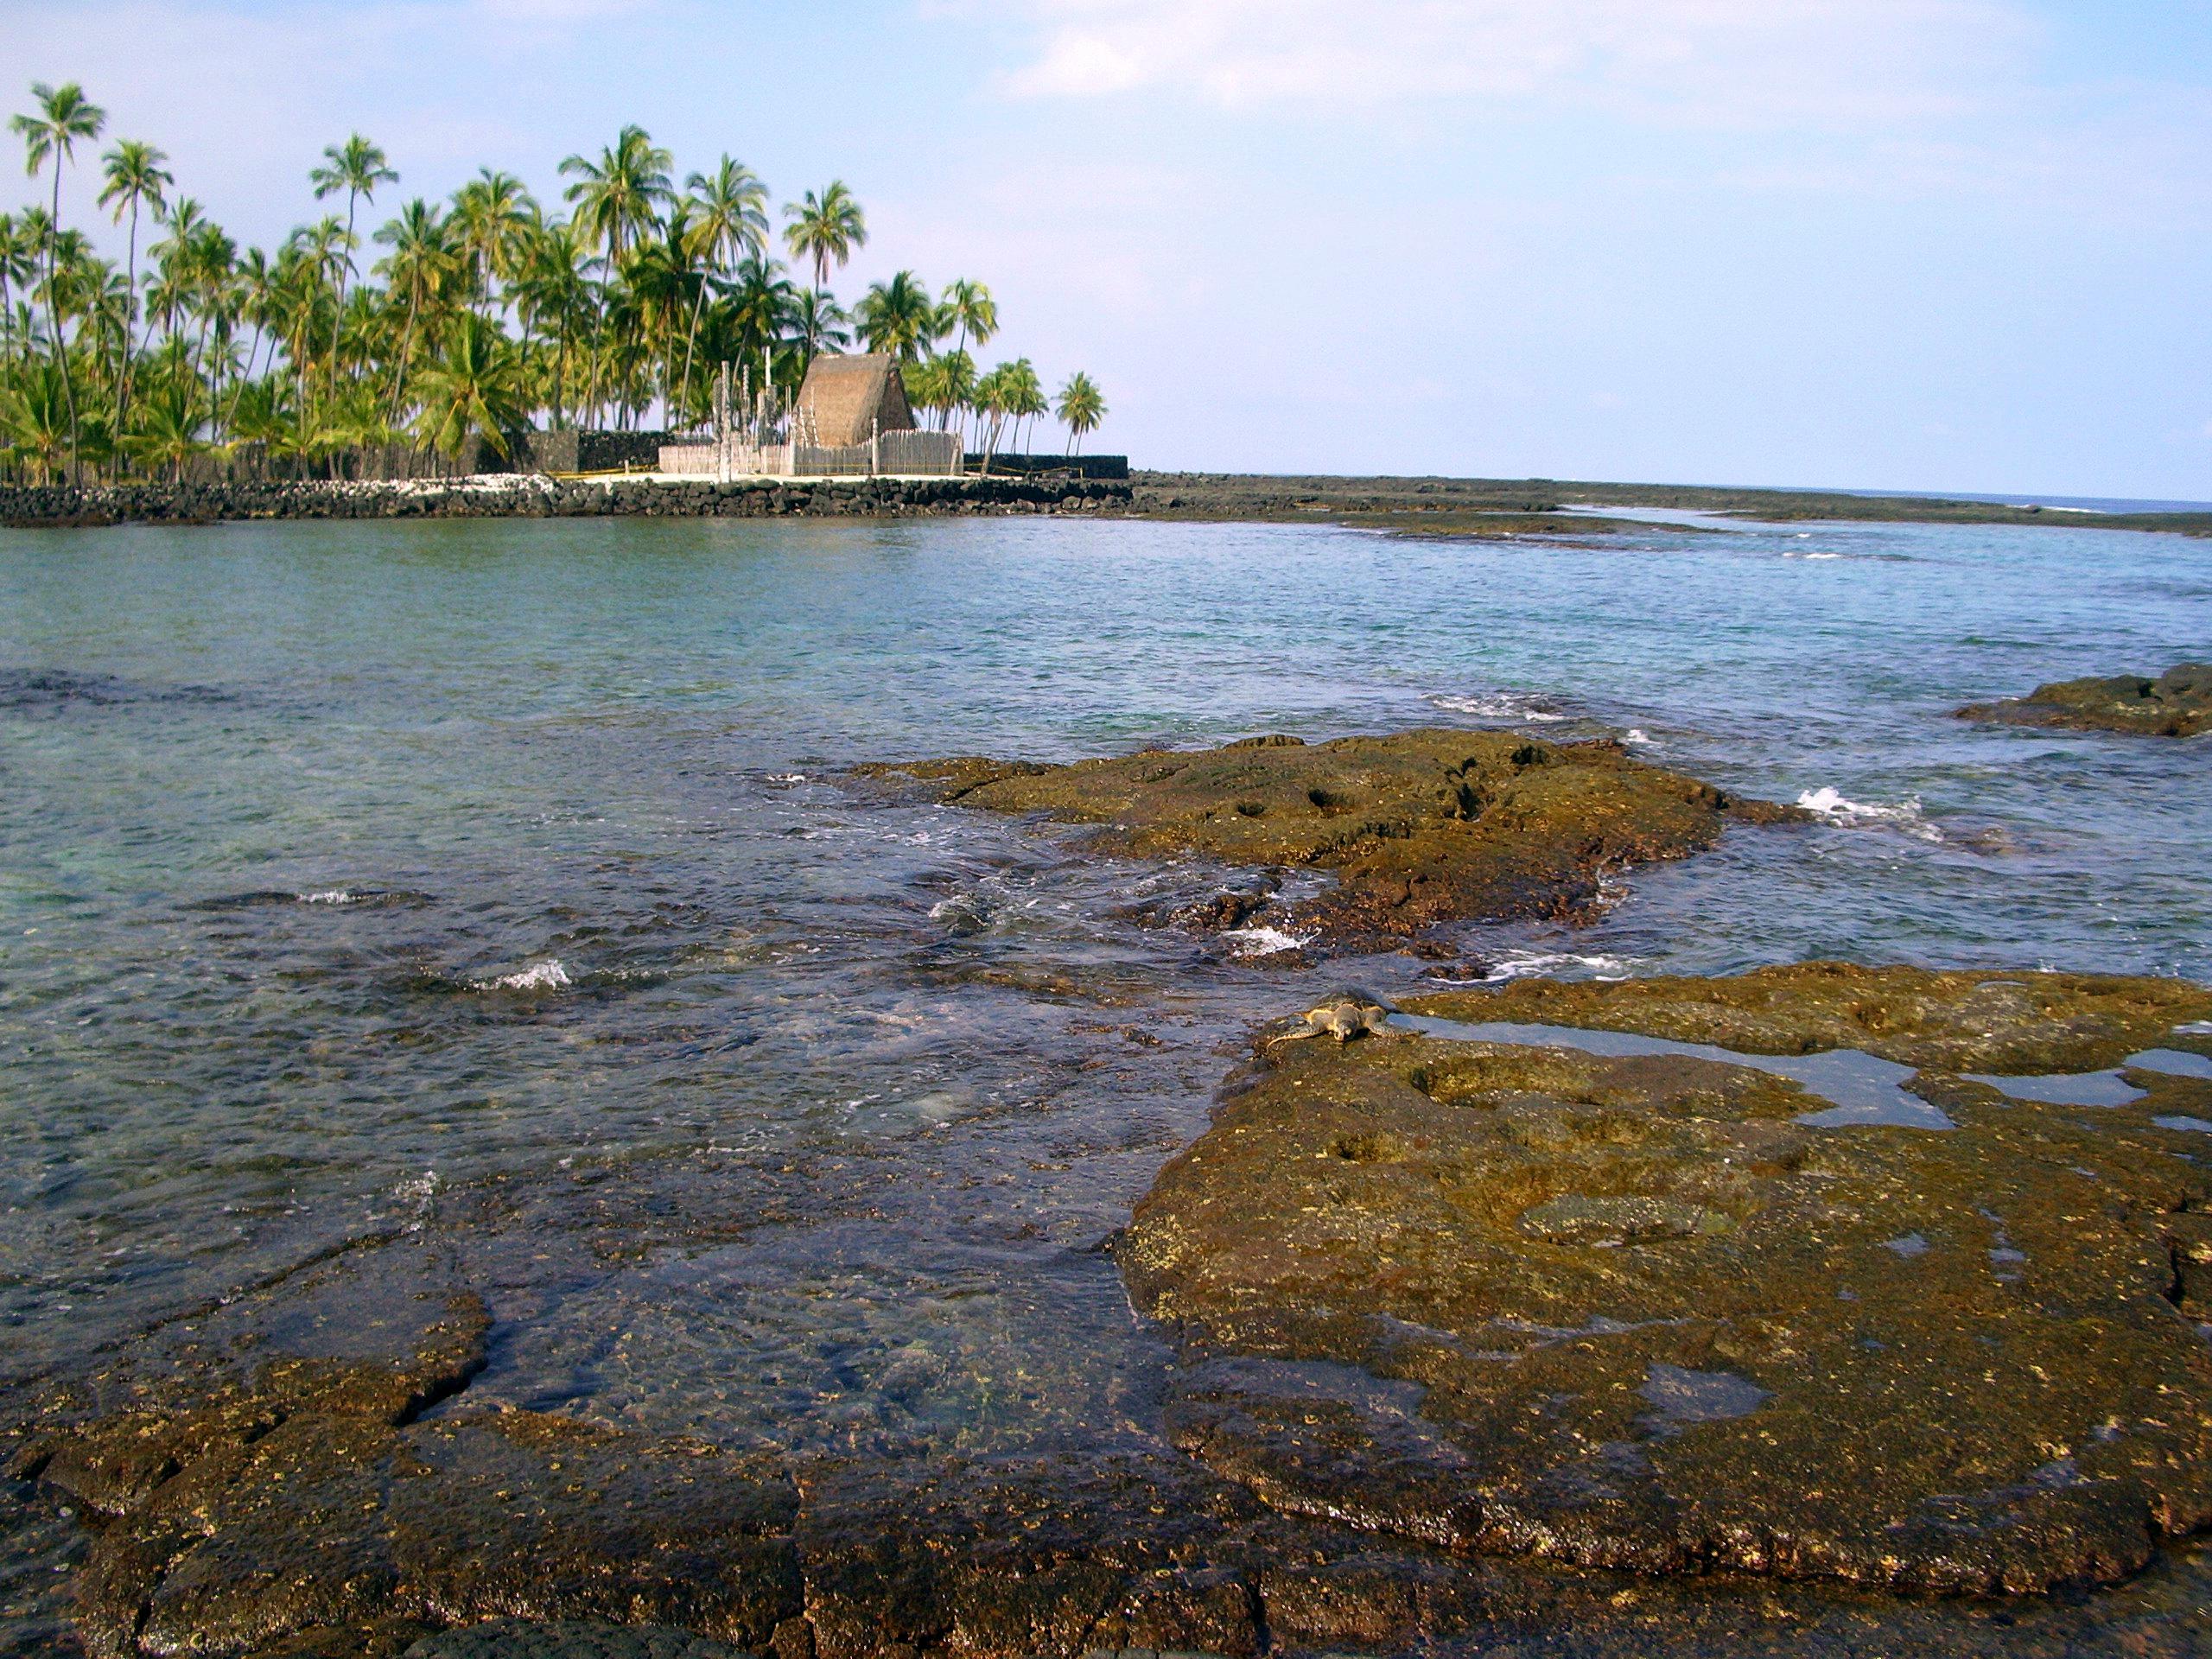 Pu'u Hounua O Hounaunau, The Place of Refuge: Photo by Donald MacGowan